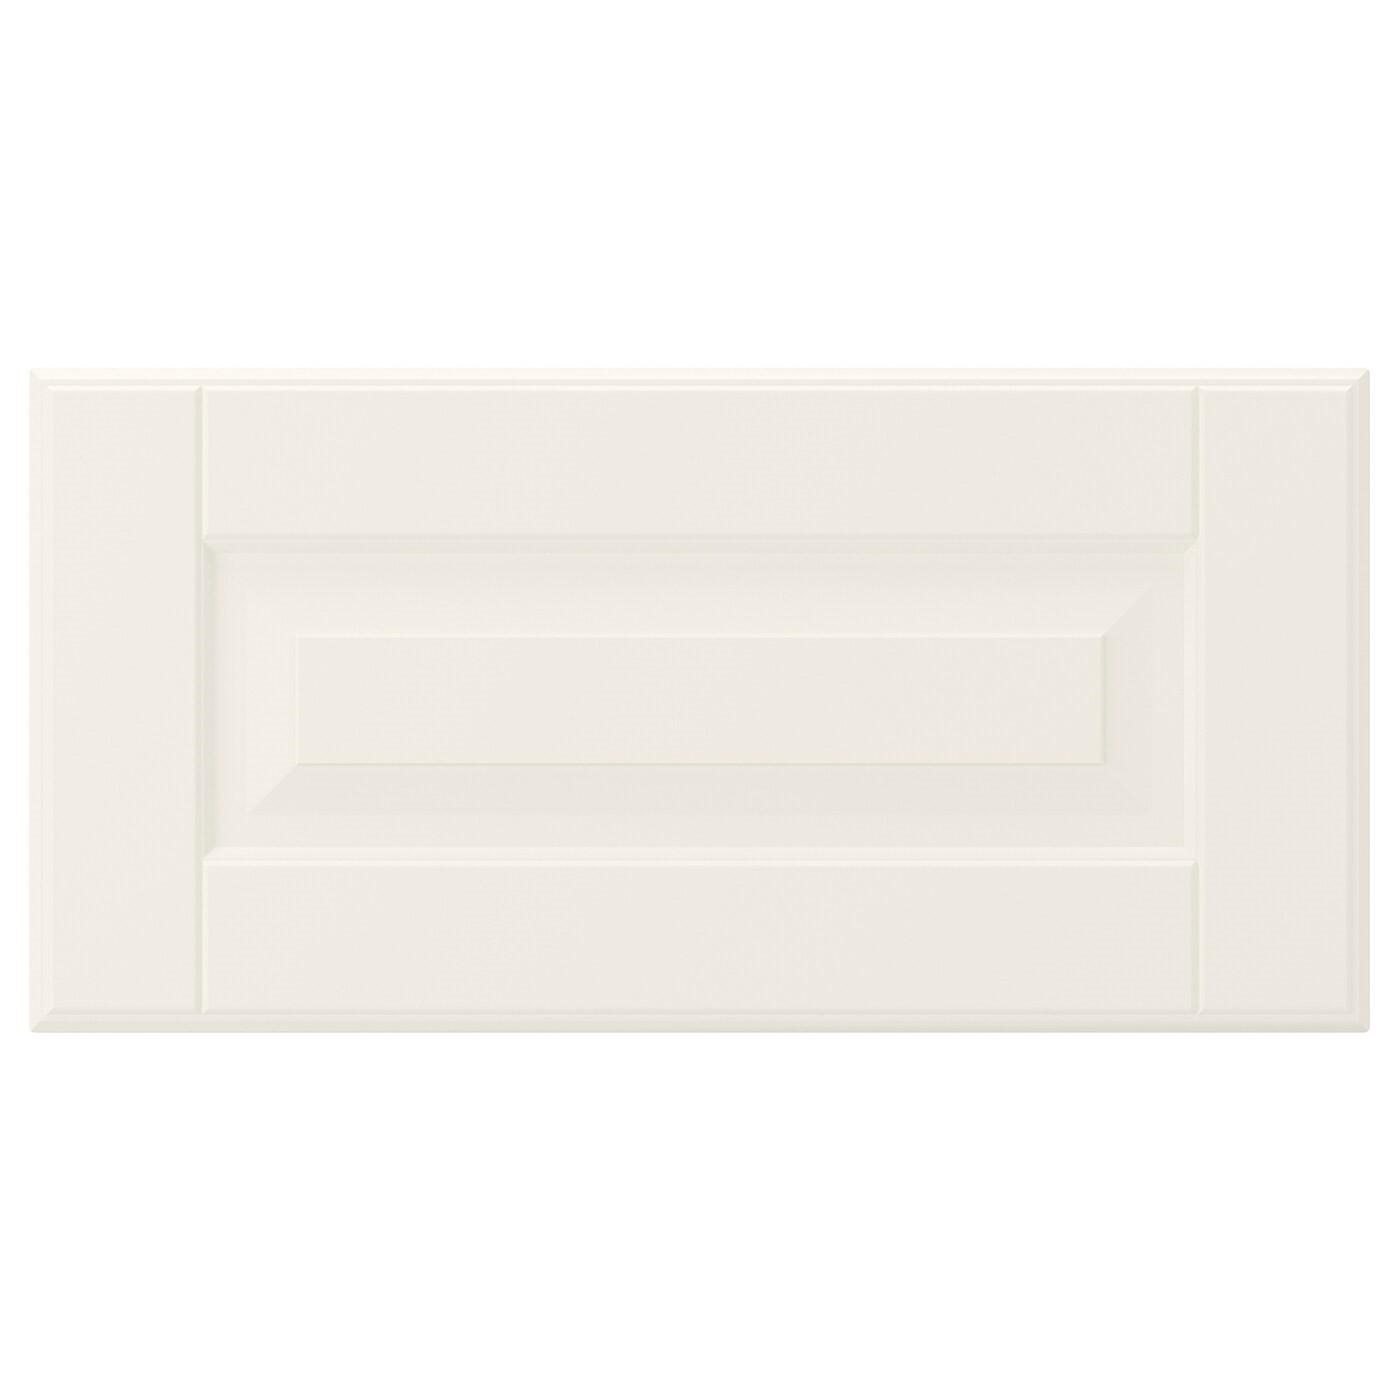 IKEA BODBYN фронтальная панель ящика белый с оттенком 39.7x19.7 см 302.054.96